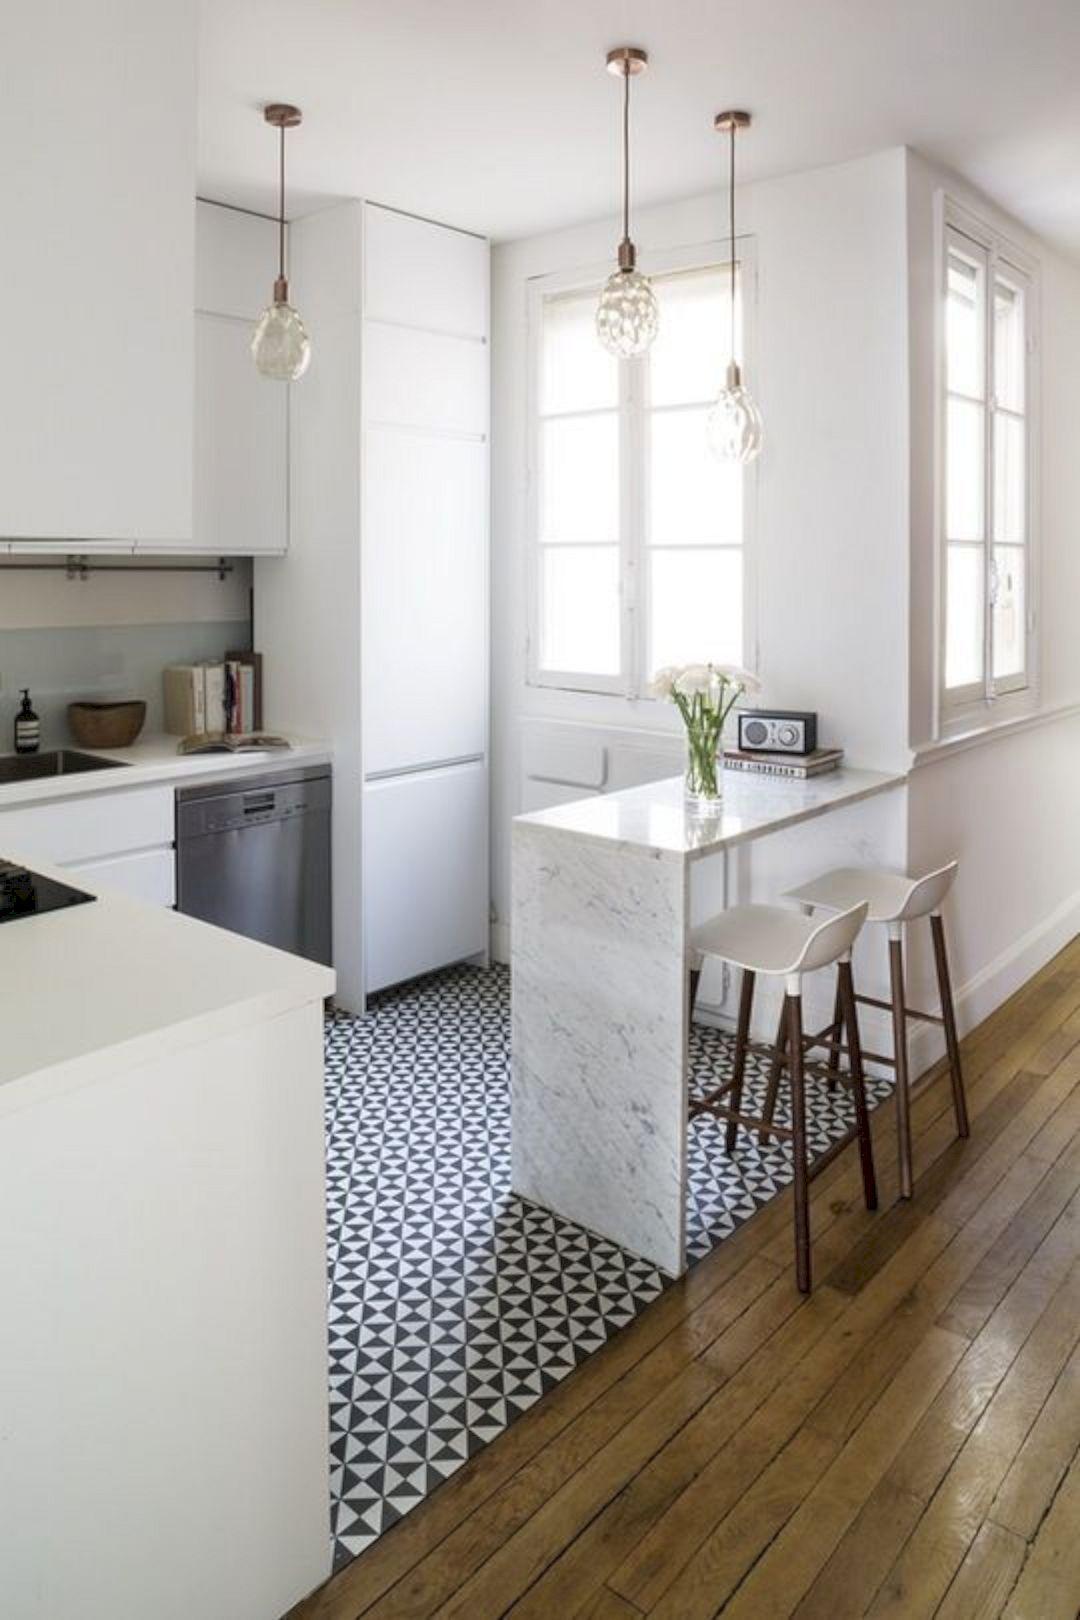 91 Brilliant Small Kitchen Remodel Ideas | Kitchens, Smart kitchen ...